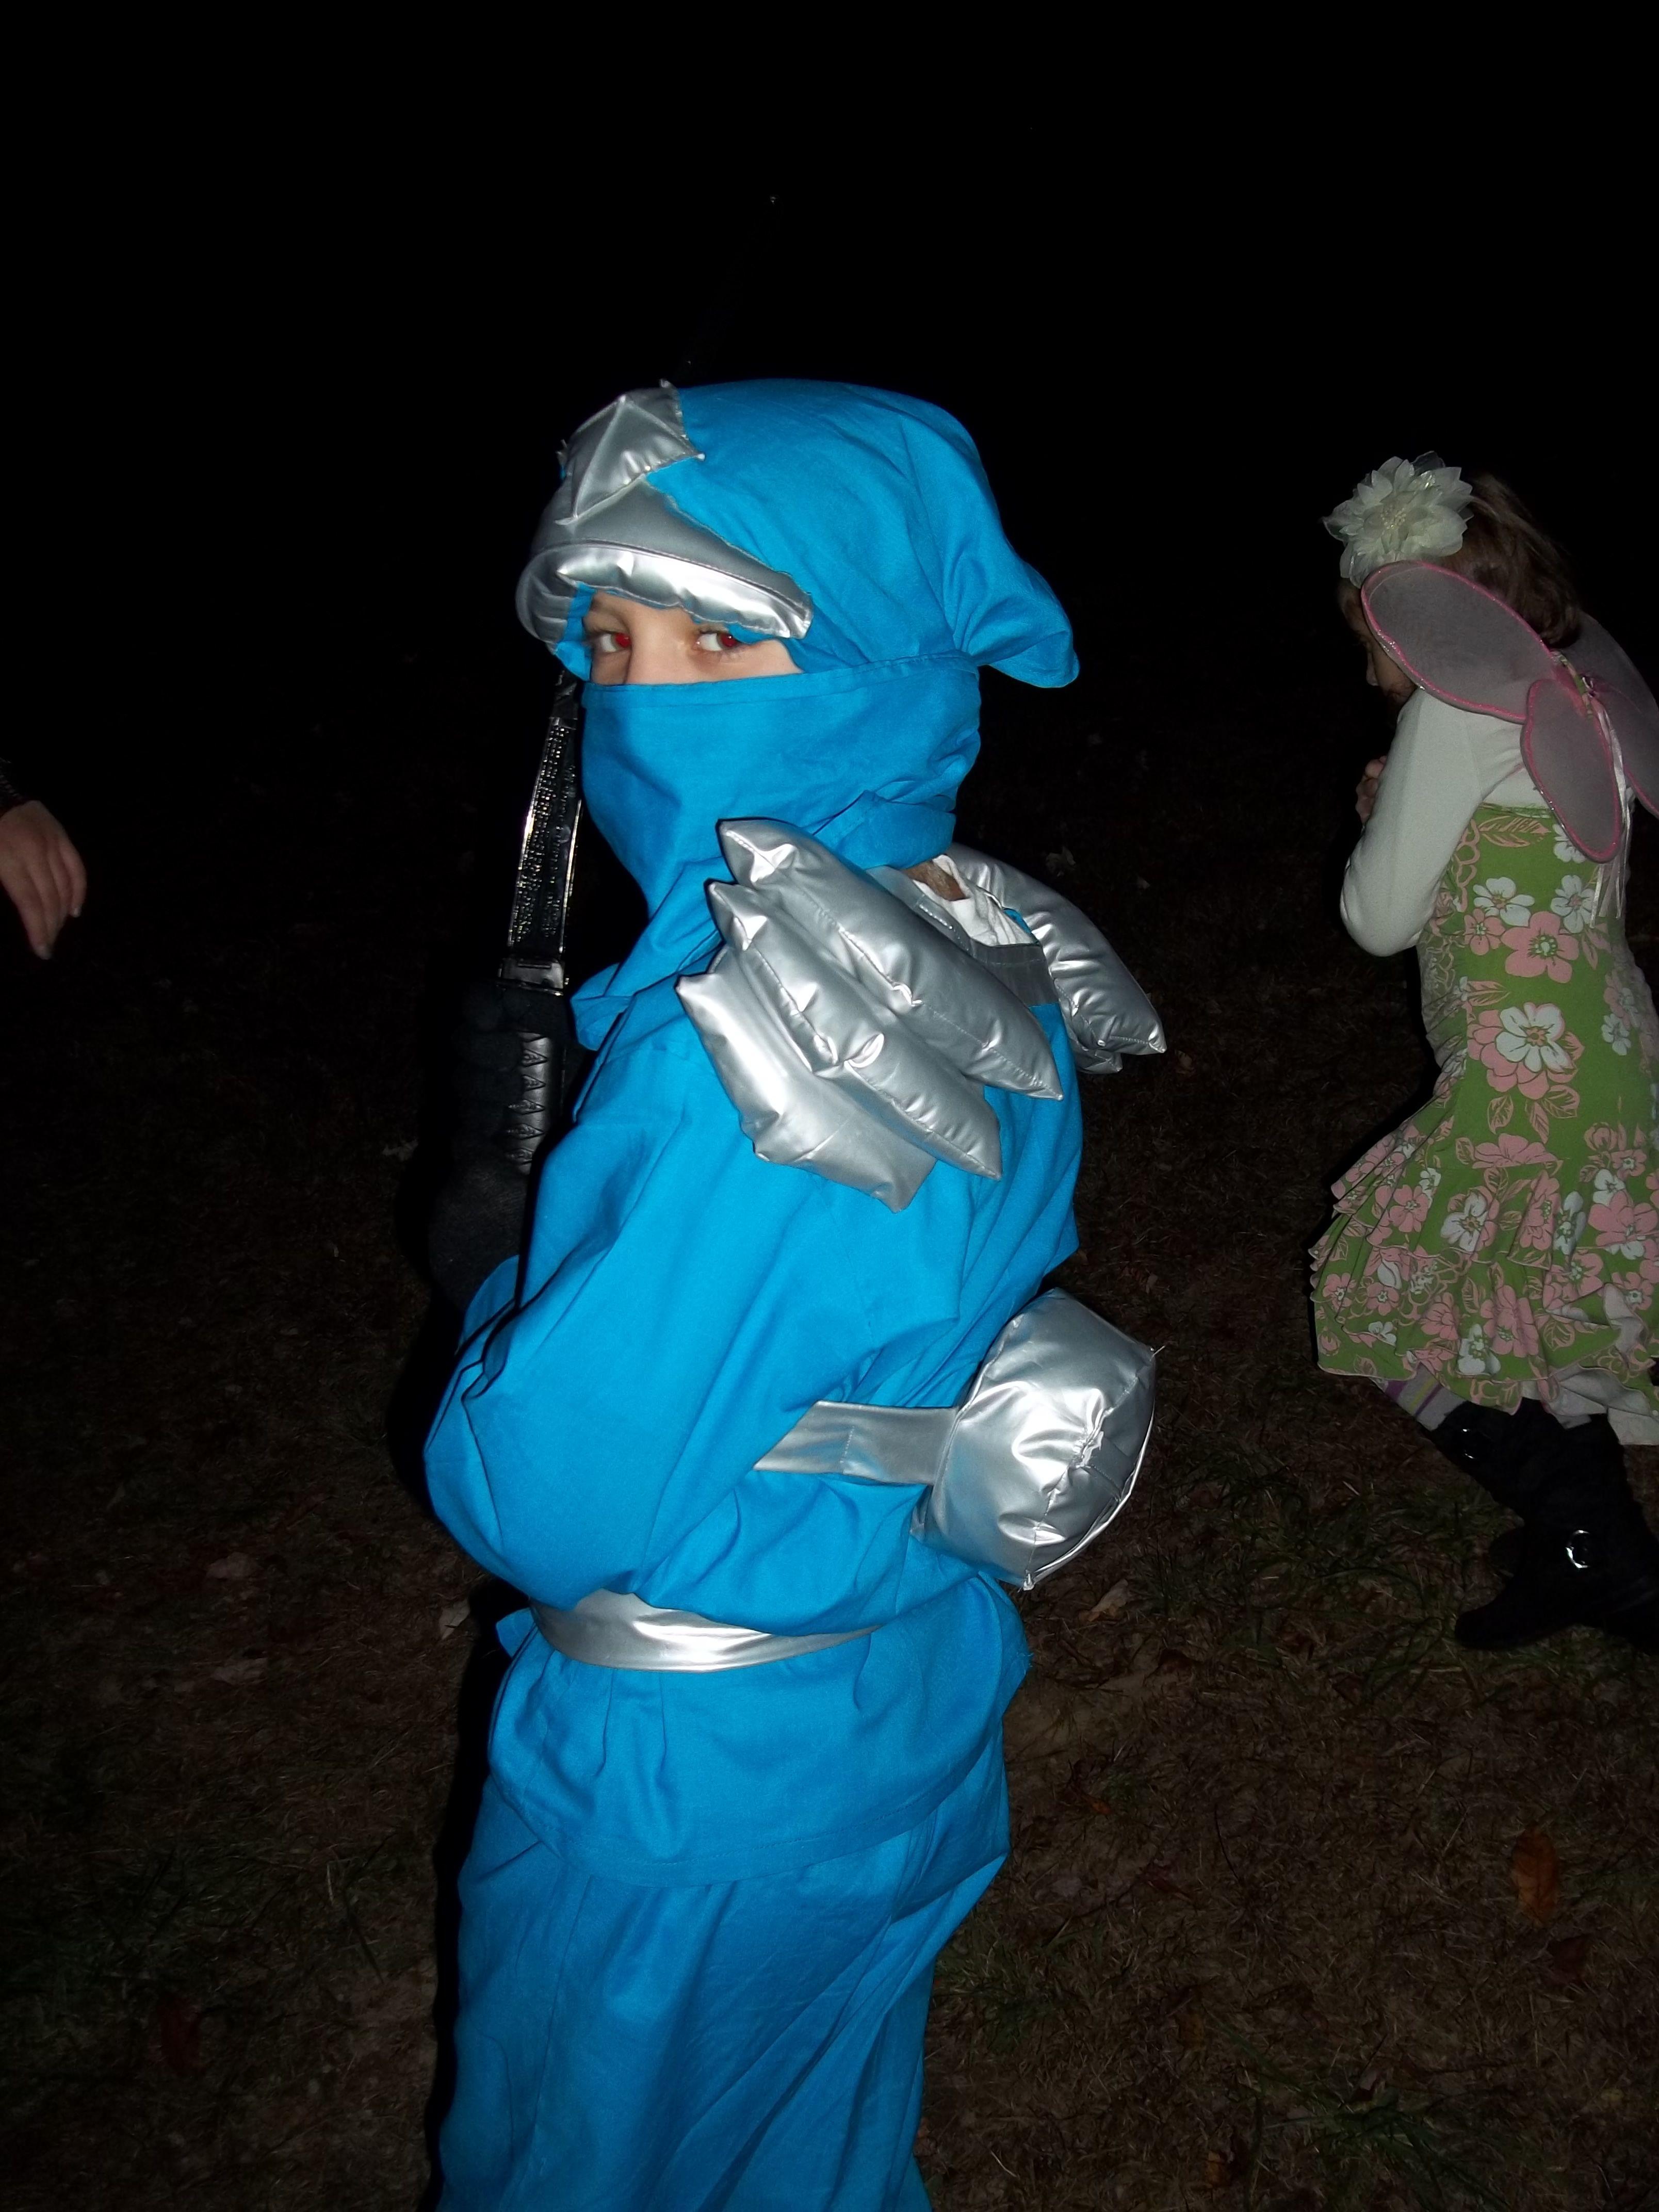 Jay Lego Ninjago Halloween Costume Blue Ninja. View from the back. & Jay Lego Ninjago Halloween Costume Blue Ninja. View from the back ...